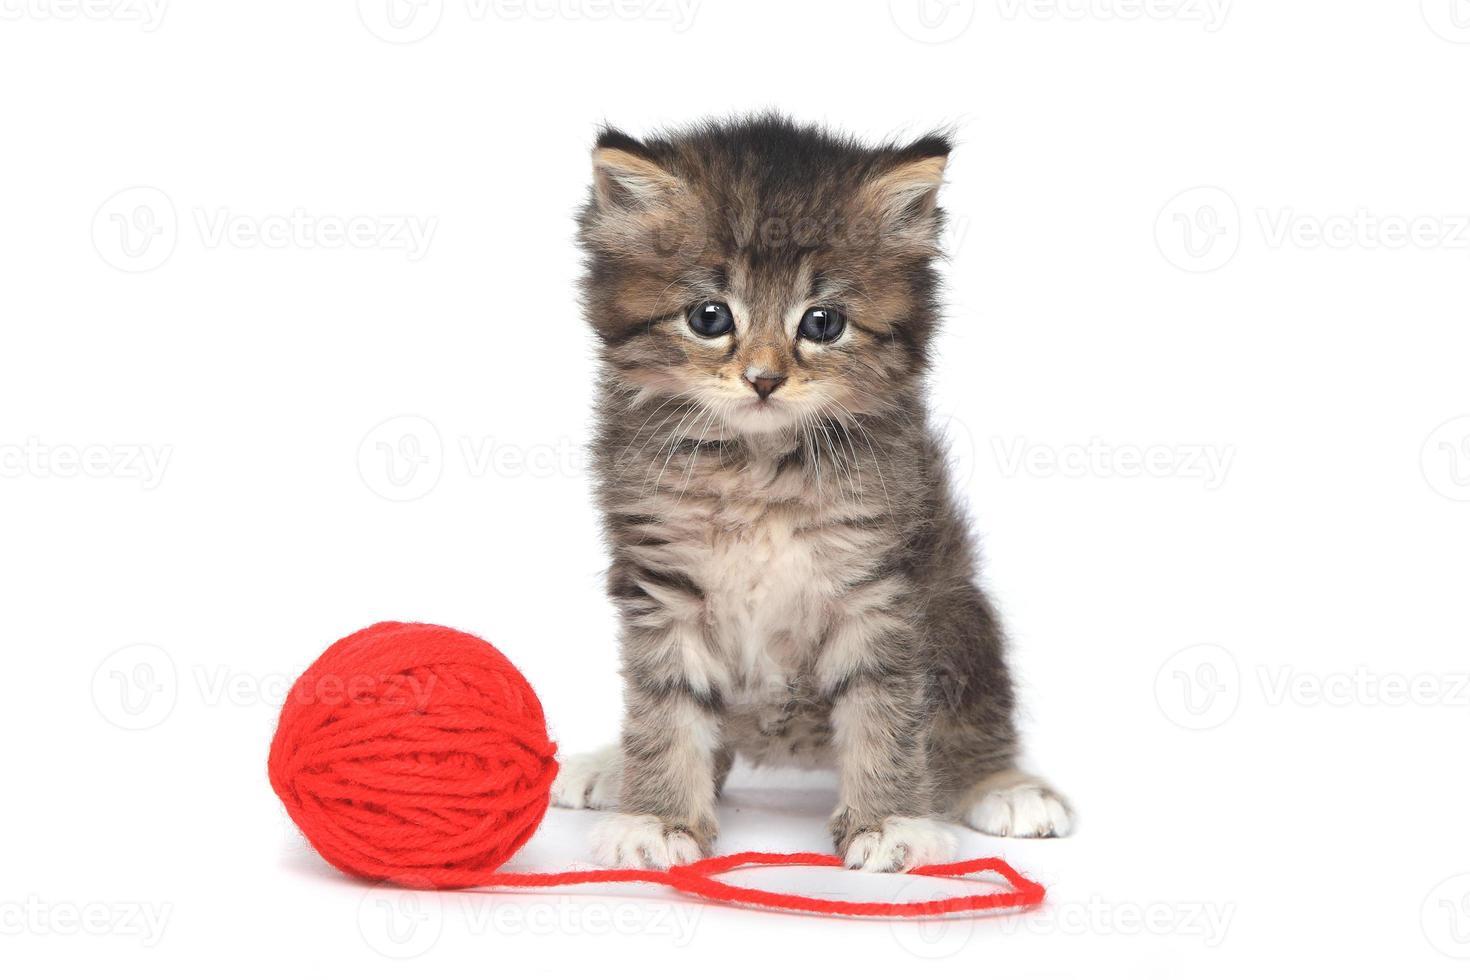 verspieltes Kätzchen mit rotem Knäuel foto